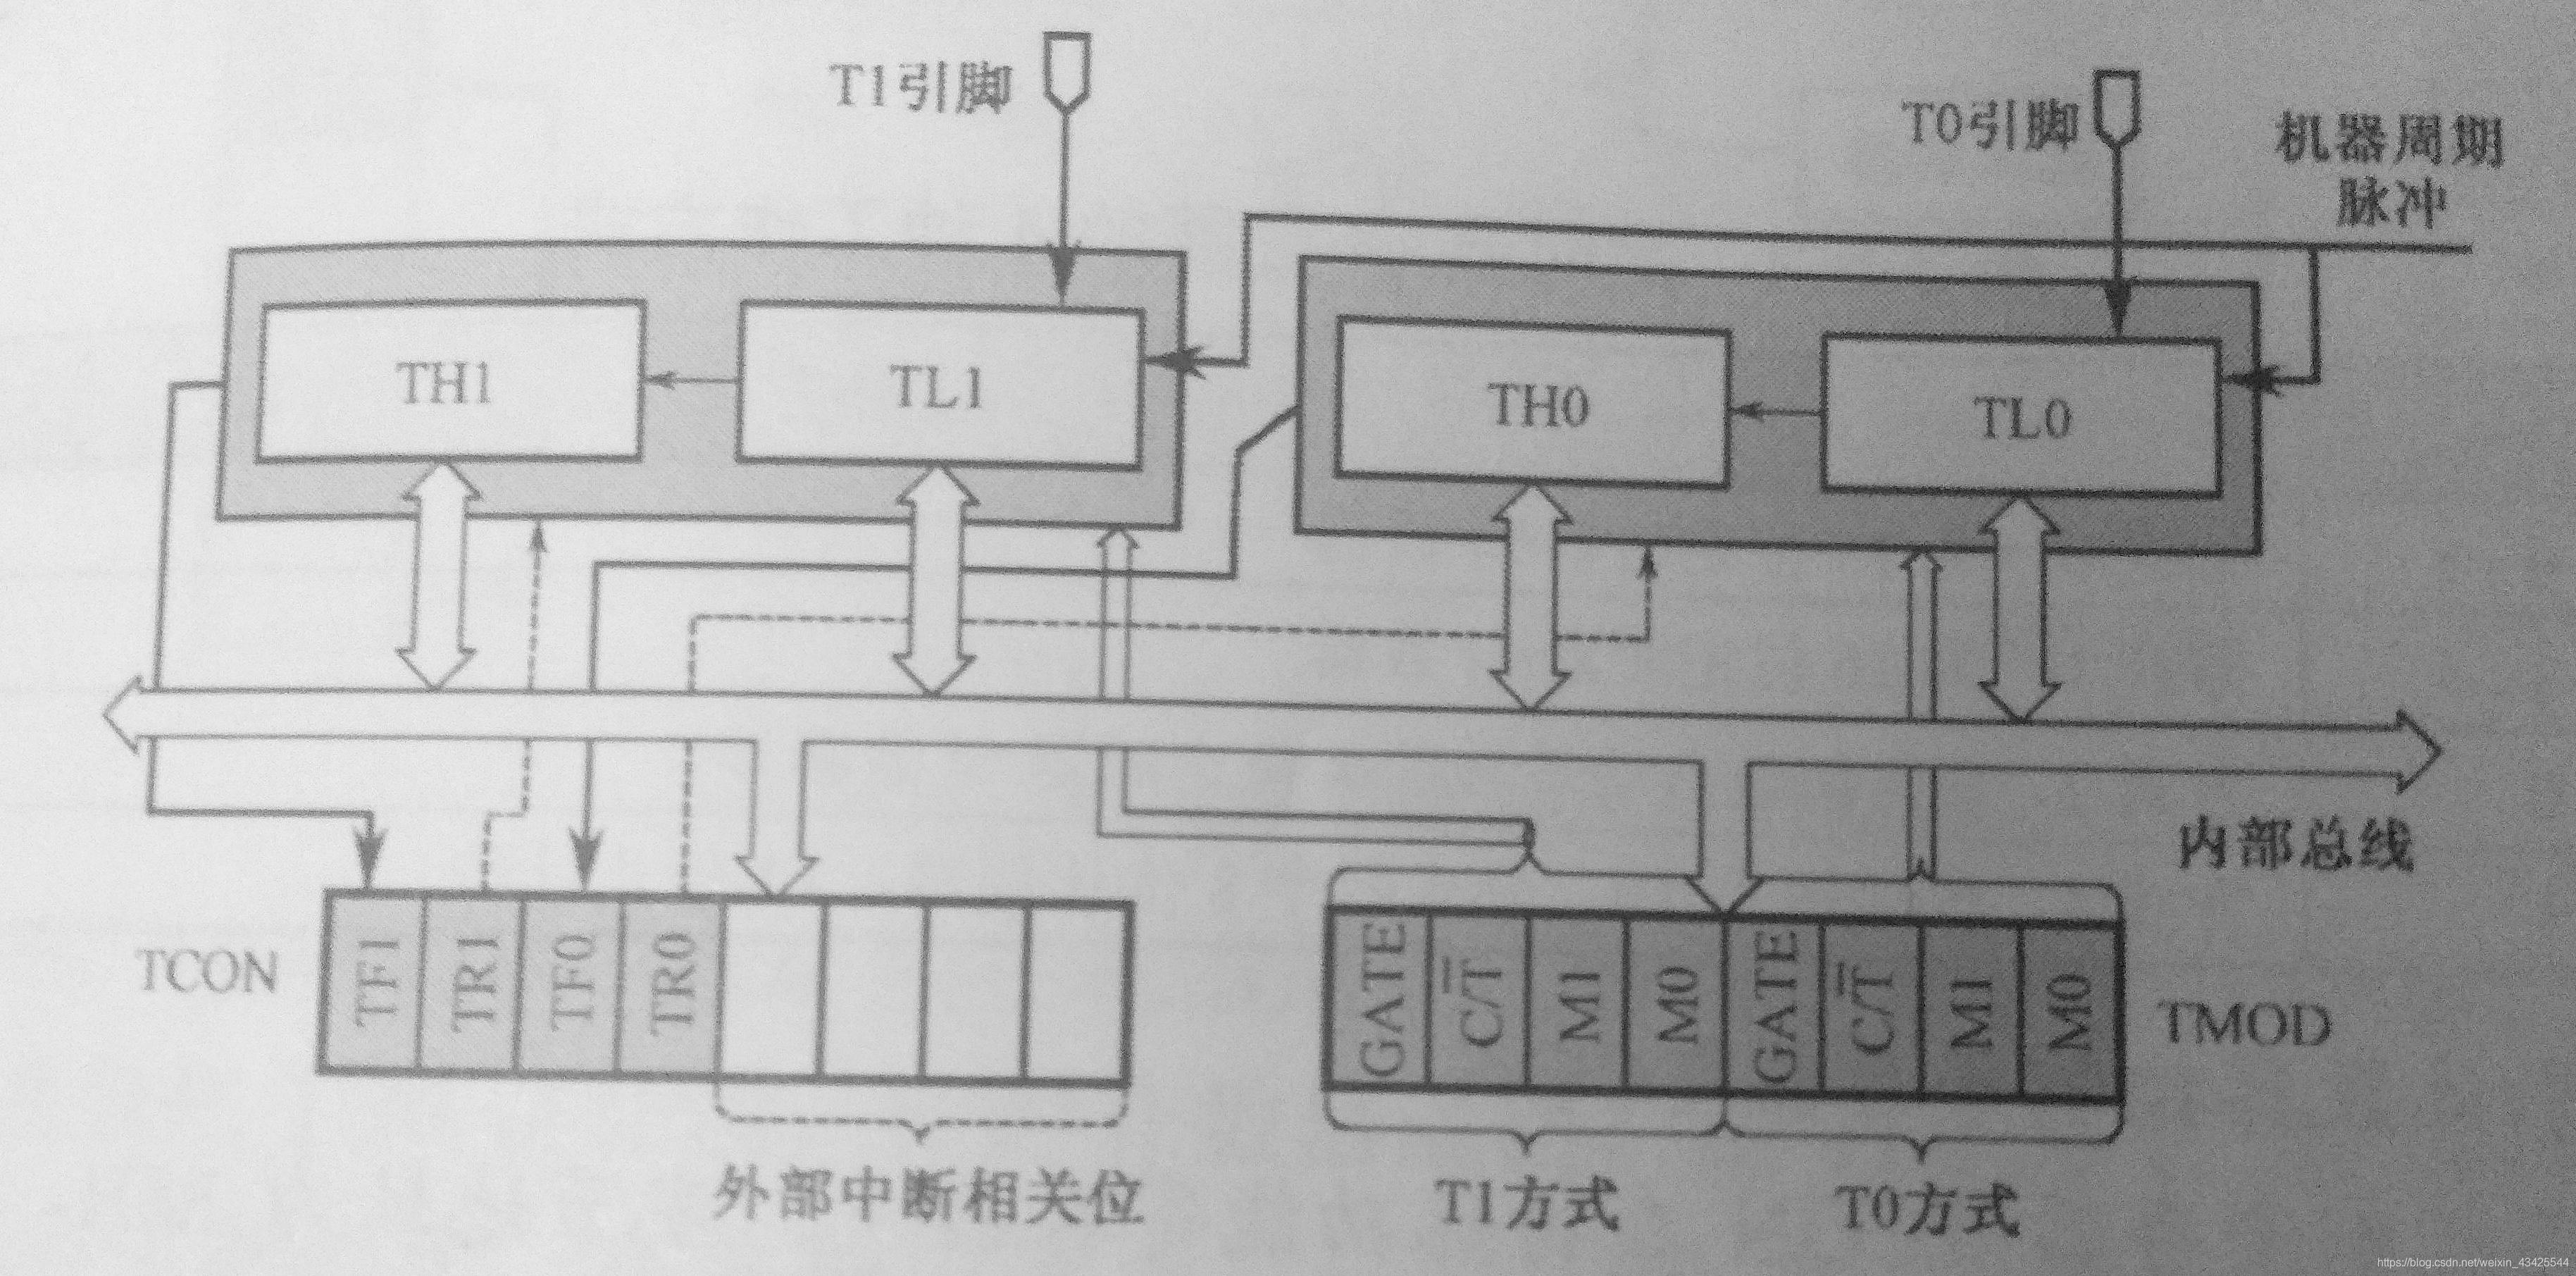 定时器结构